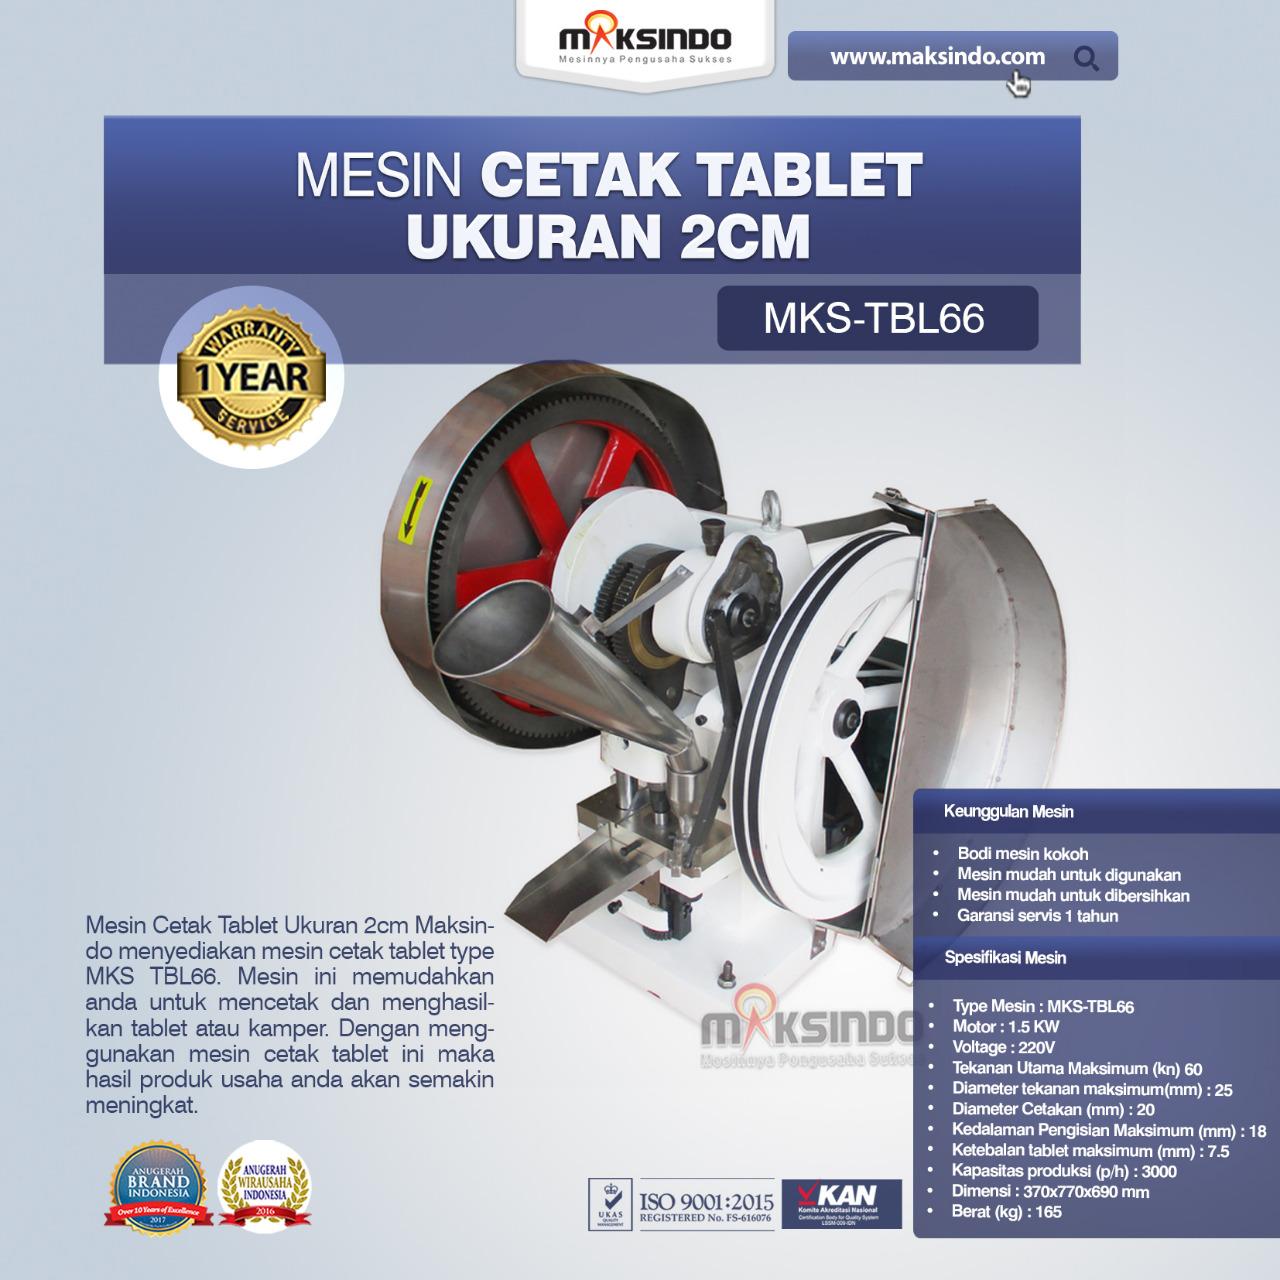 Jual Mesin Cetak Kamper MKS-TBL66 di Banjarmasin